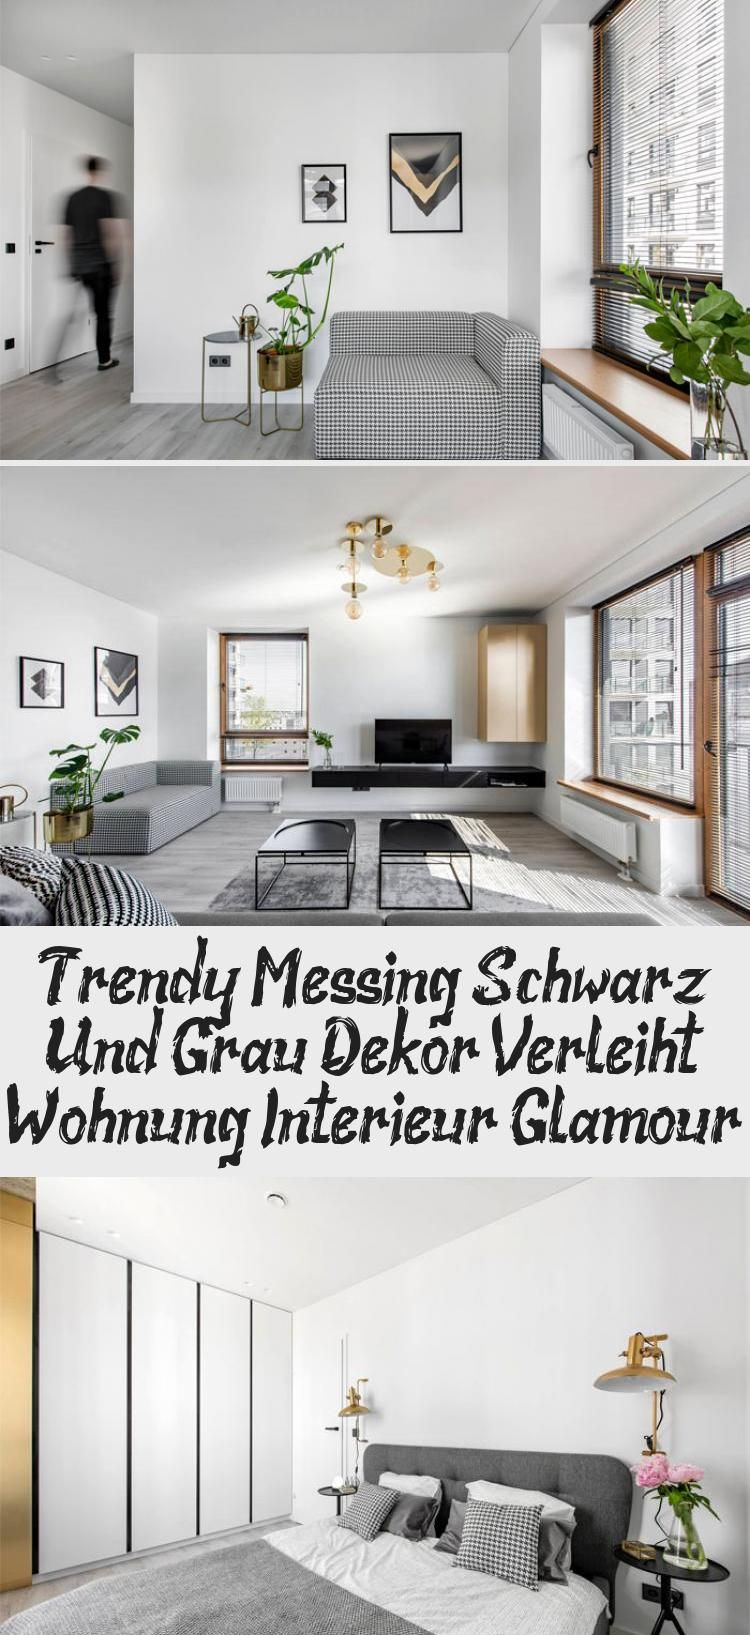 Trendy Messing Schwarz Und Grau Dekor Verleiht Wohnung Interieur Glamour Dekor Interieur Messing Schwarz Trendy Verleiht Wohnung